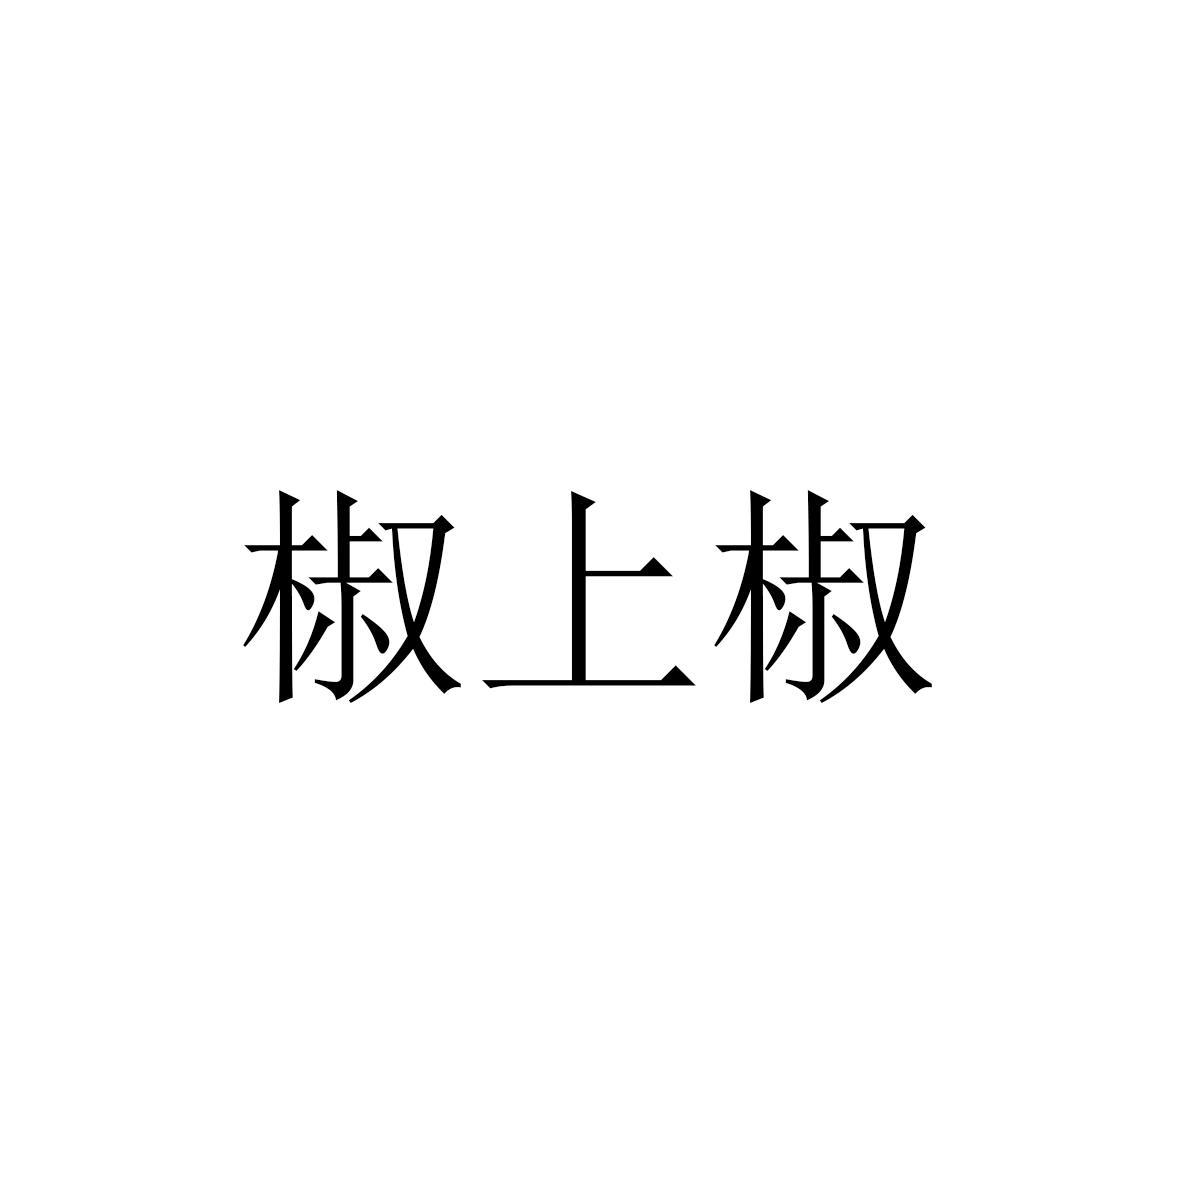 商标文字椒上椒商标注册号 41300015、商标申请人马建军的商标详情 - 标库网商标查询